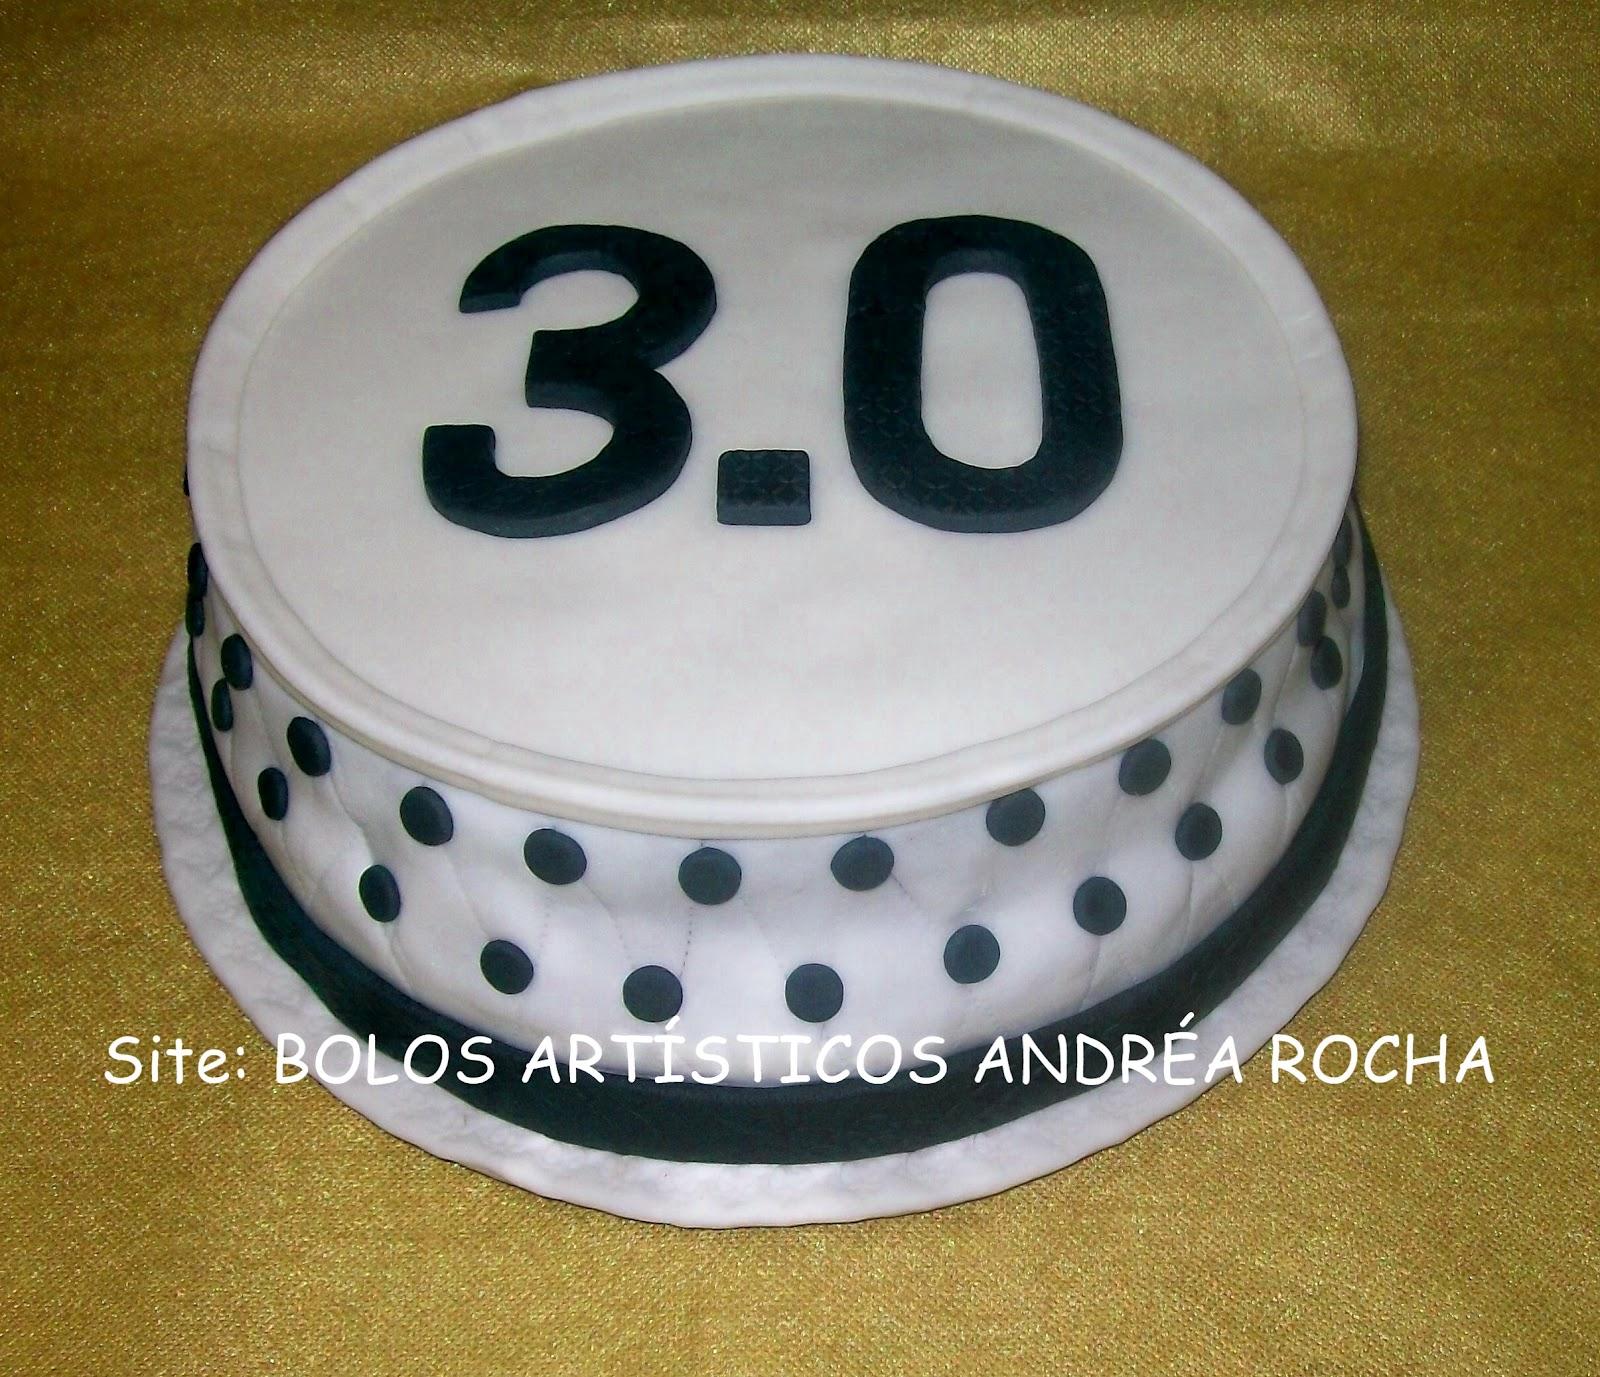 Bolos artsticos andra rocha bolos decorados porto alegre rs bolo aniversrio 30 anos altavistaventures Gallery